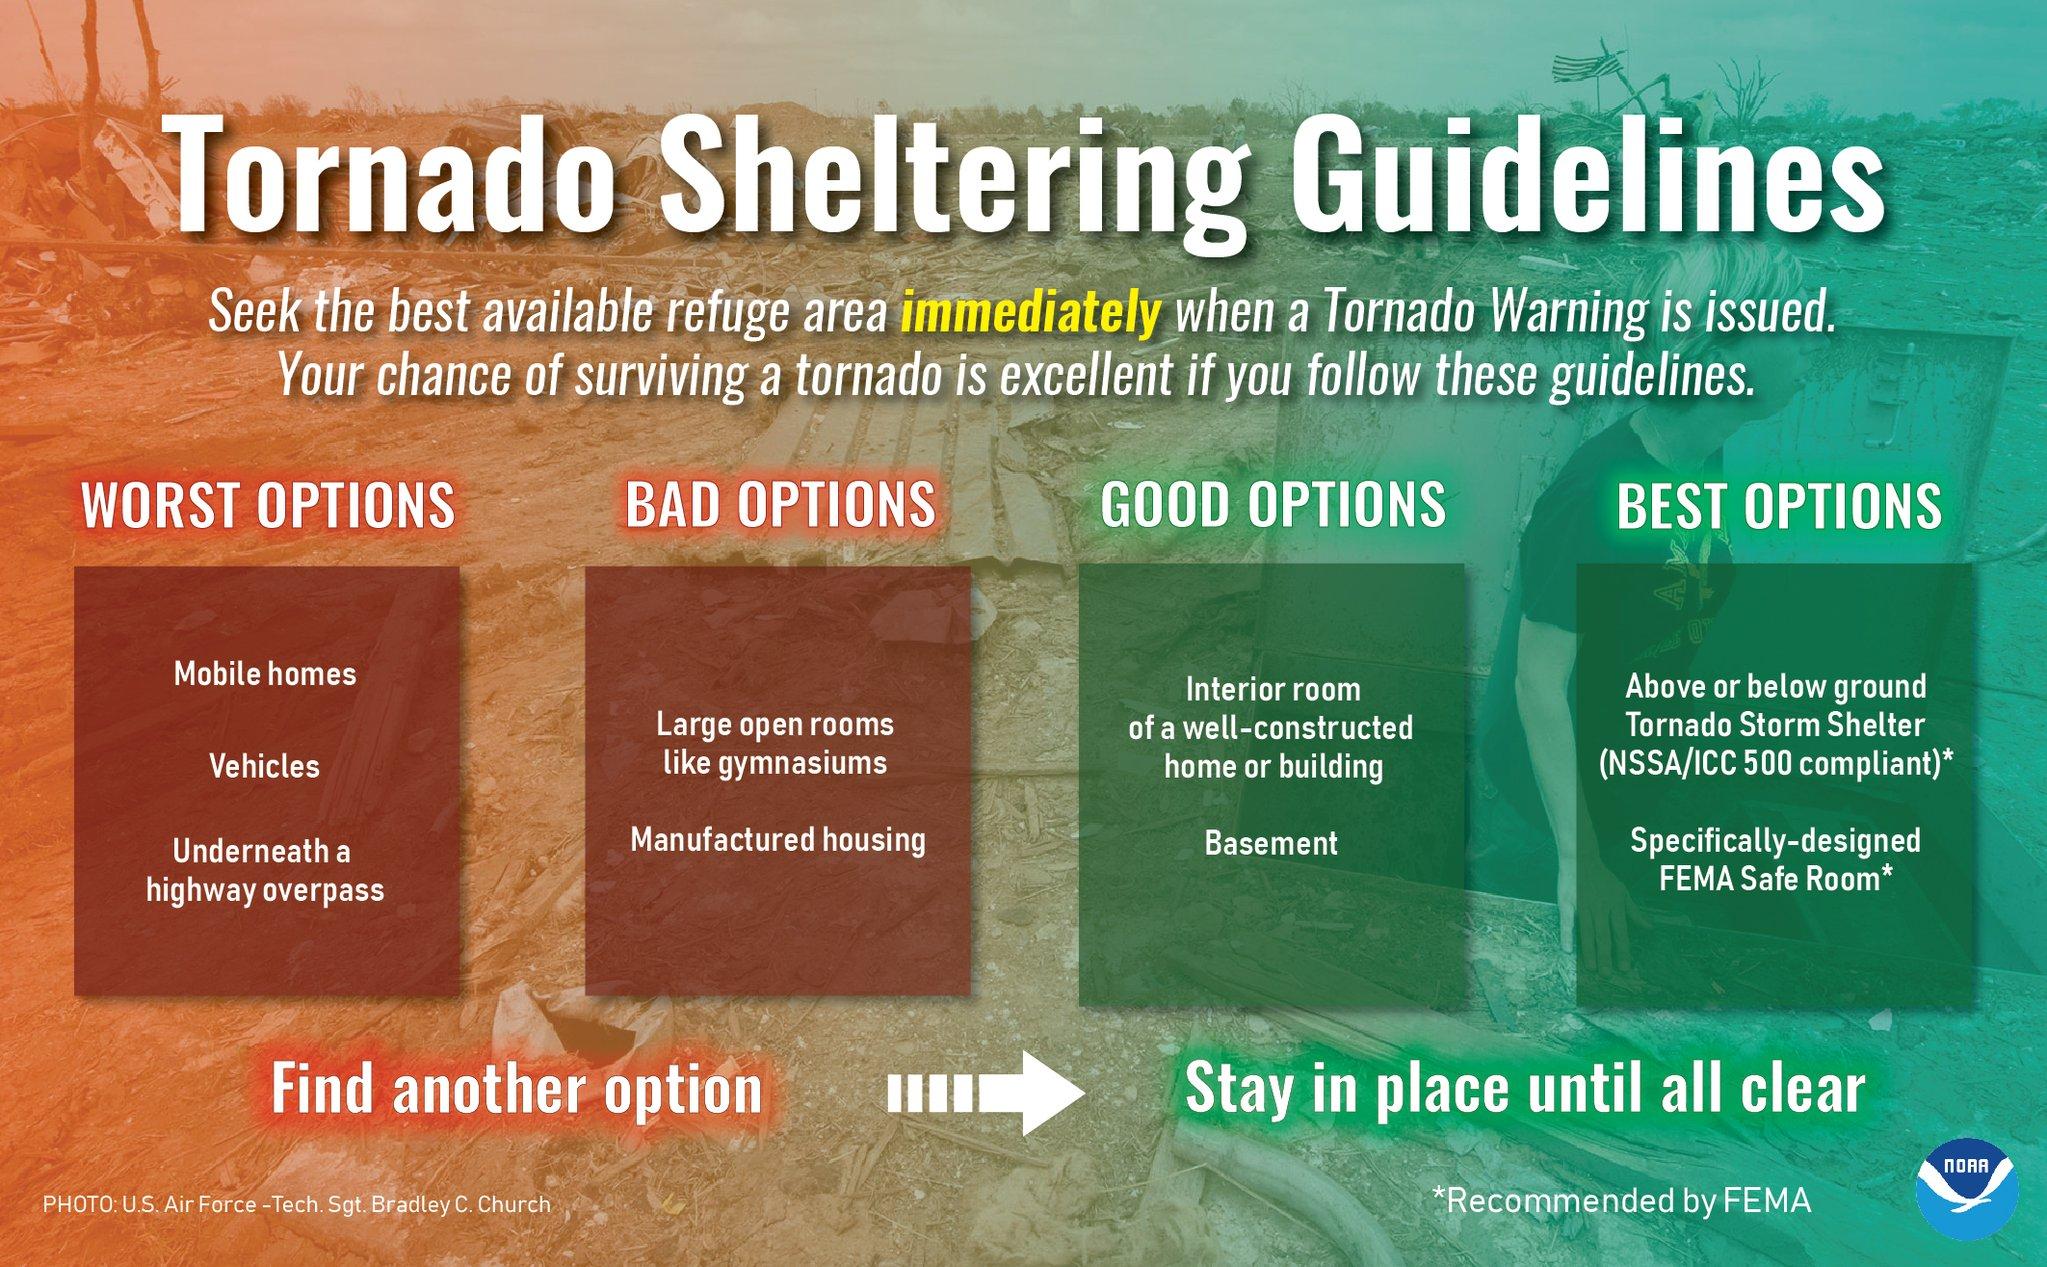 Tornado Sheltering